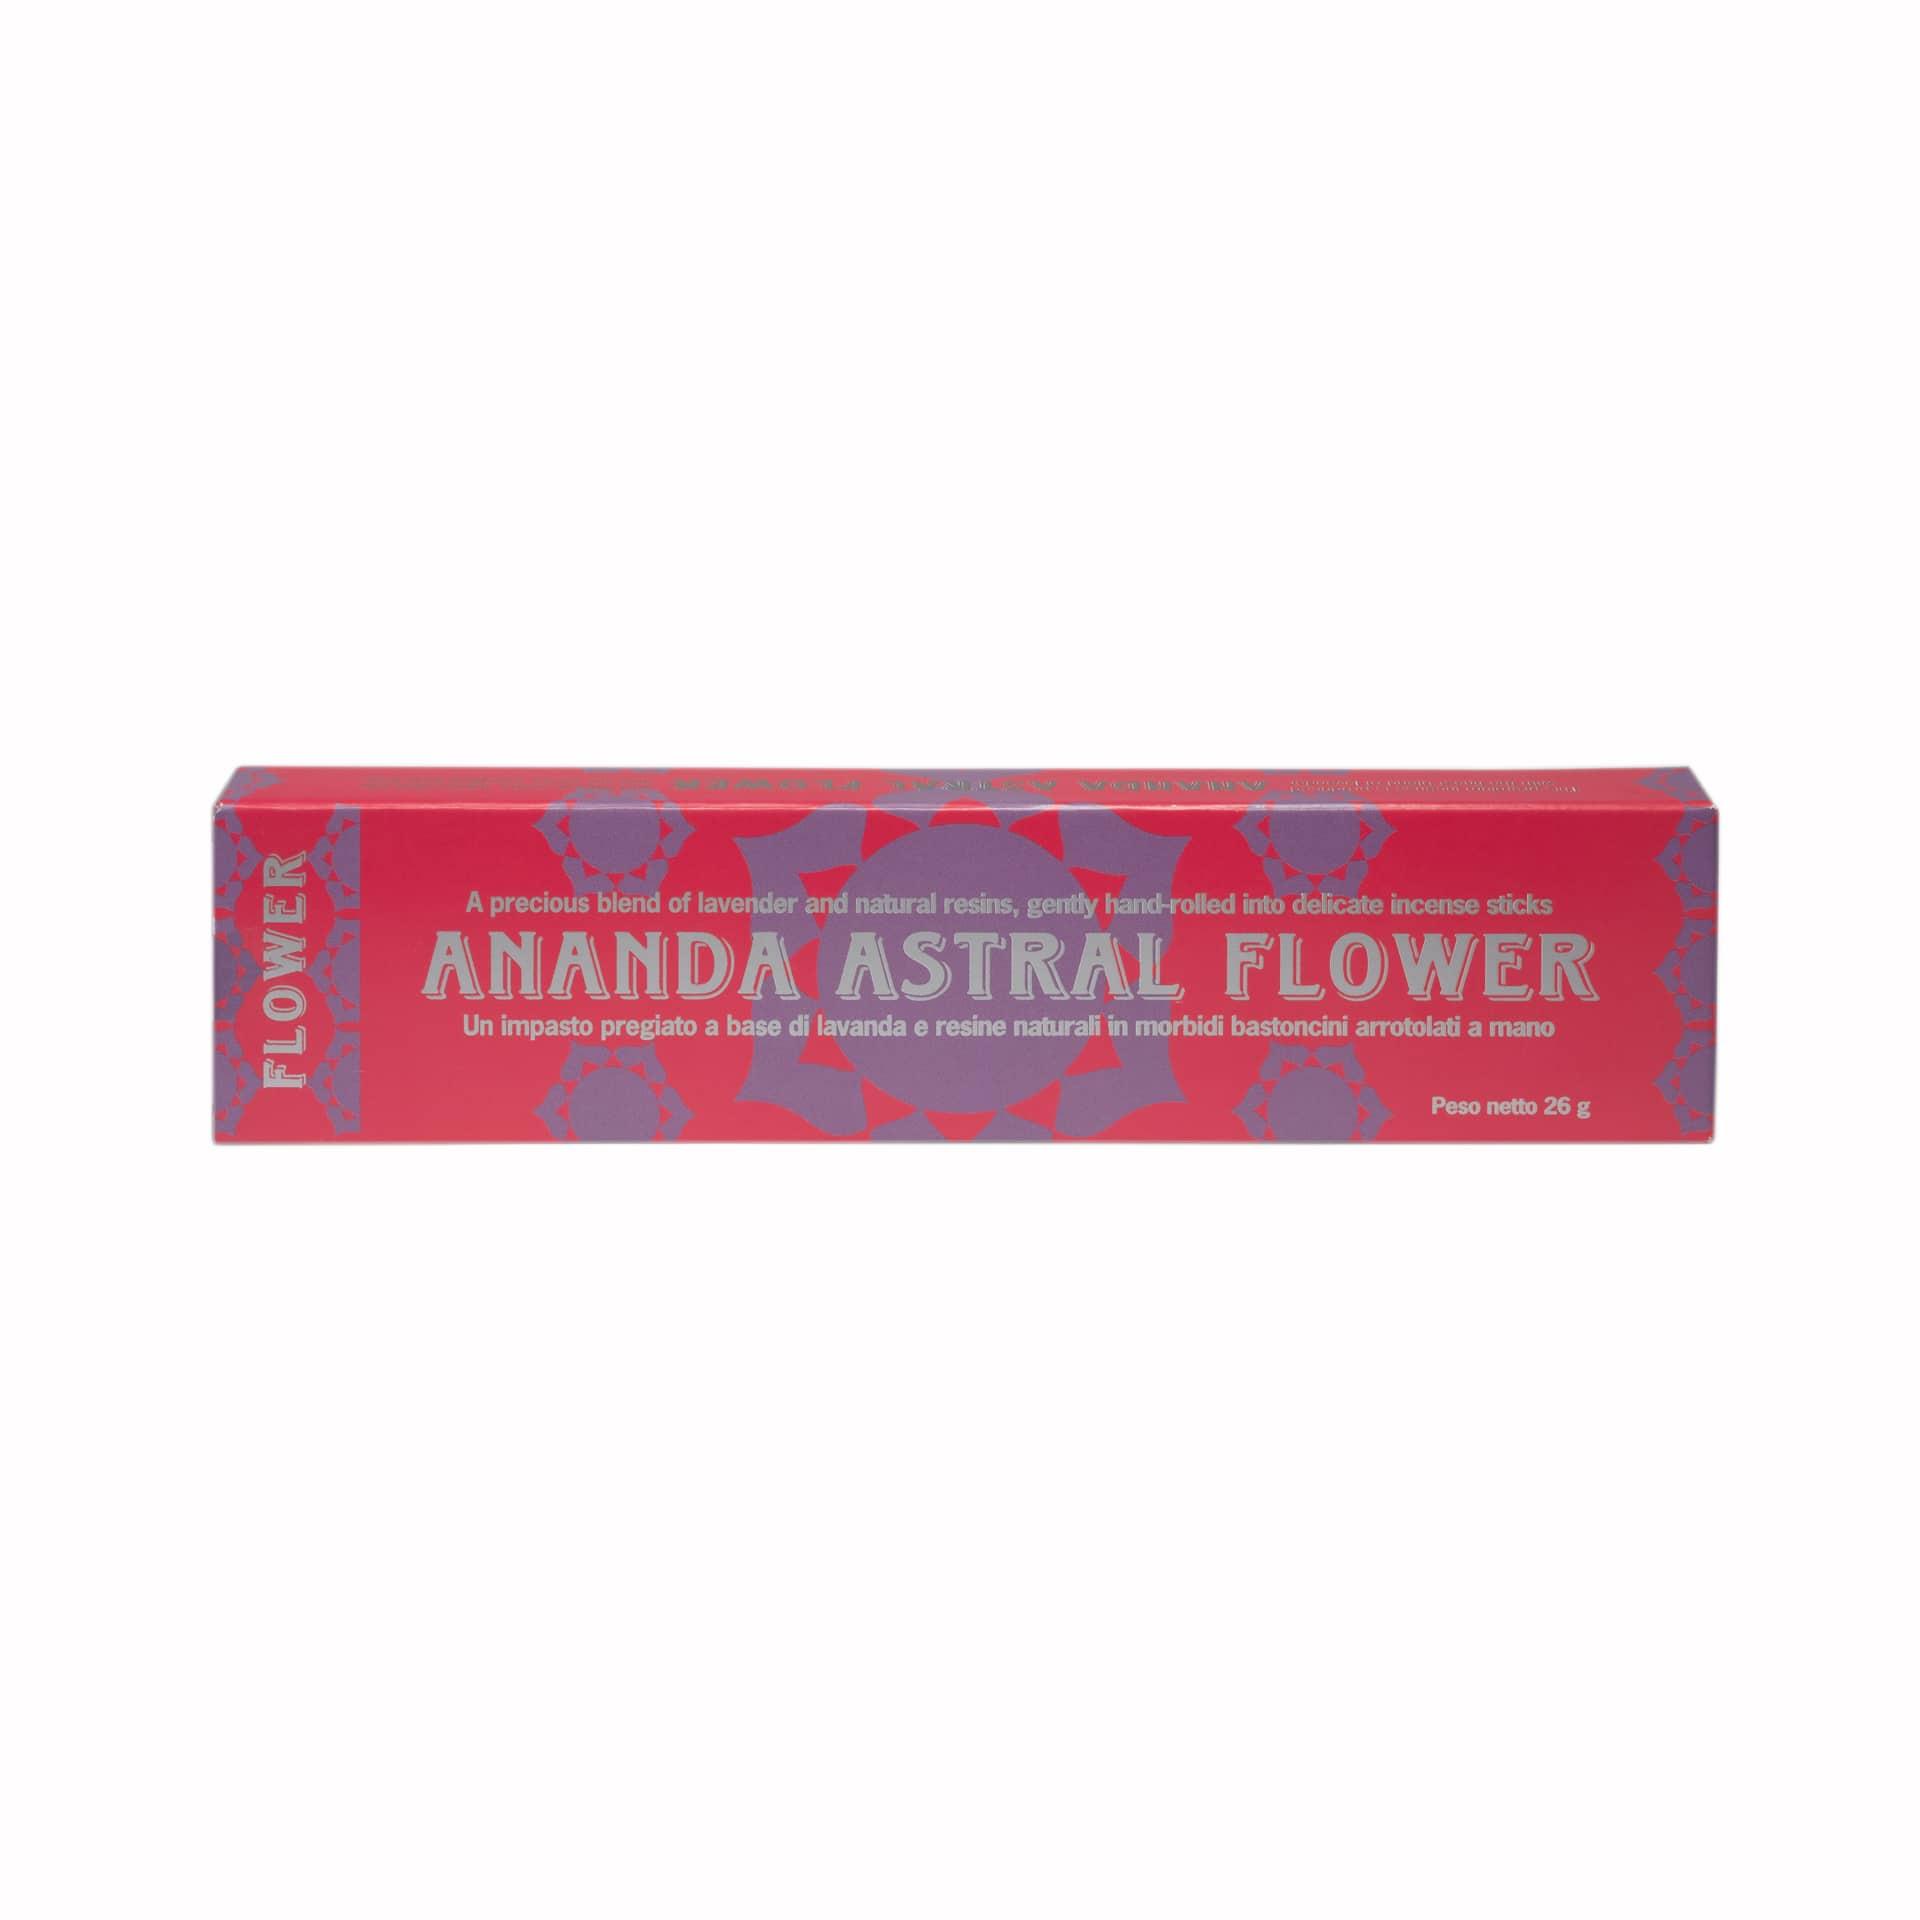 ananda-astral-flower